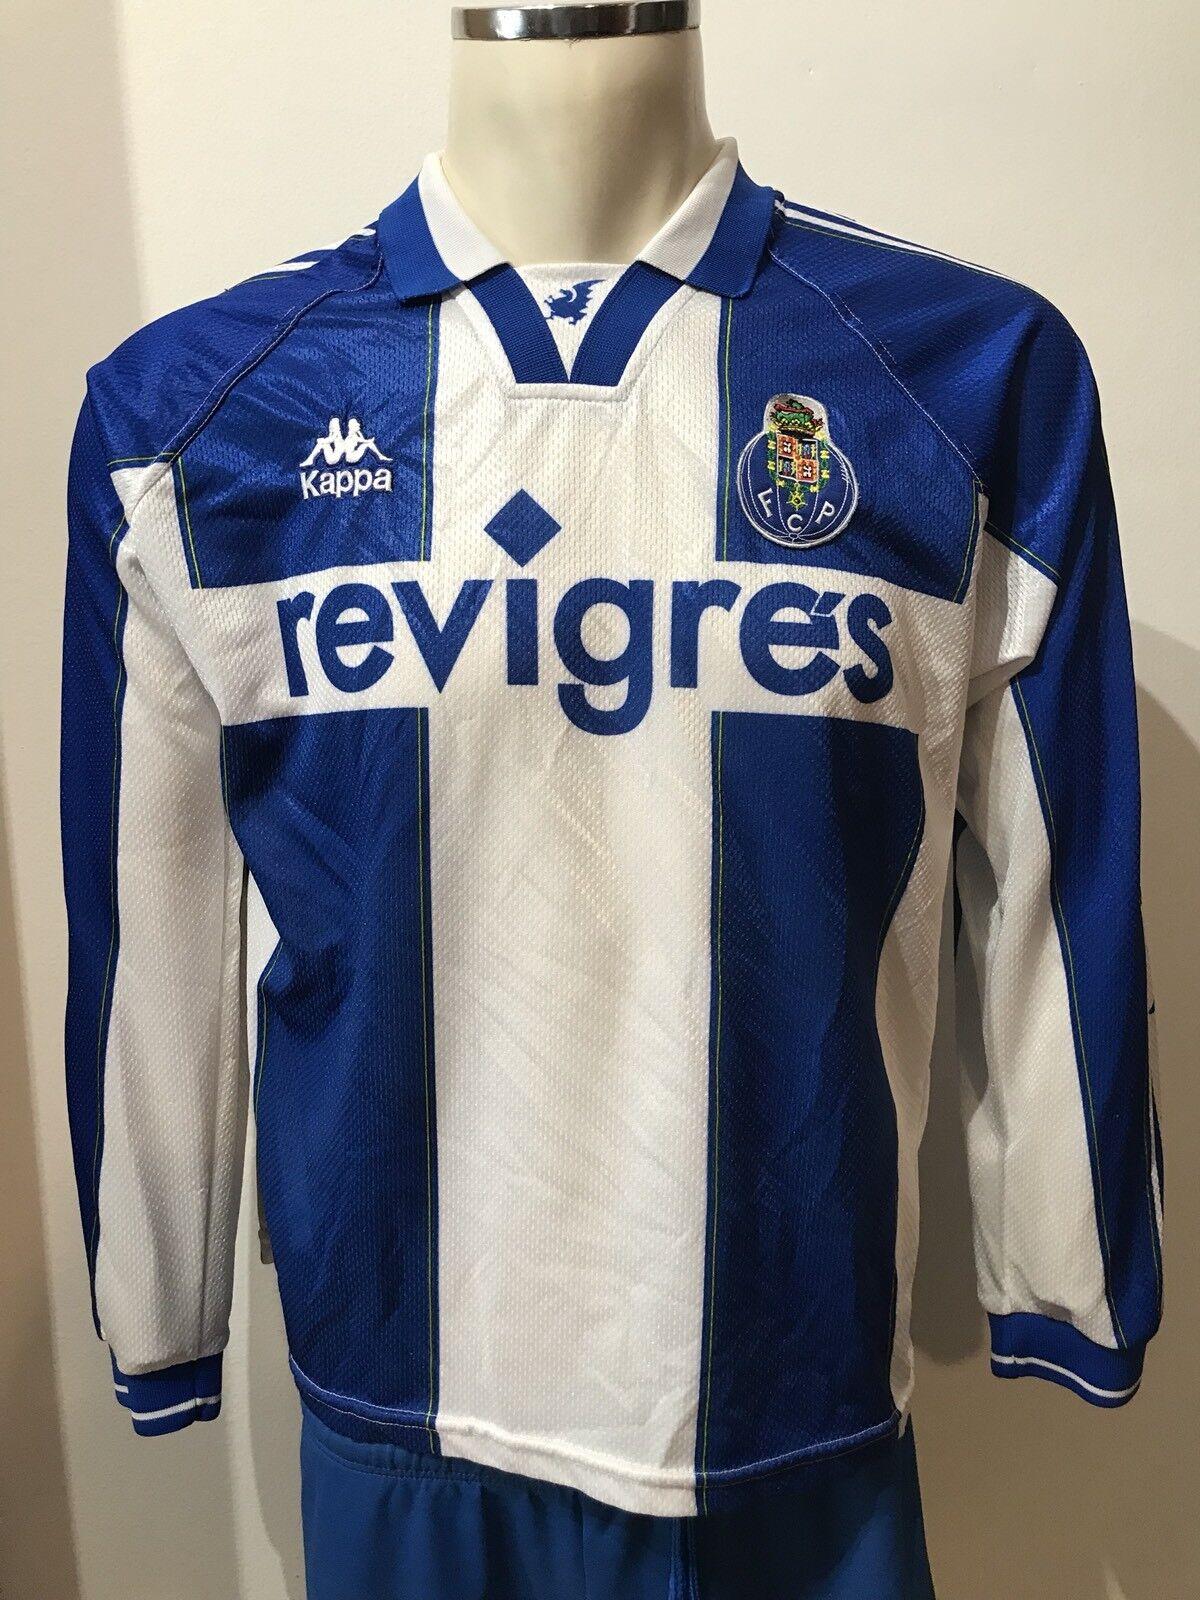 CAMISETA VINTAGE FC OPORTO size M SHIRT 1997 1998 MANGA LARGA